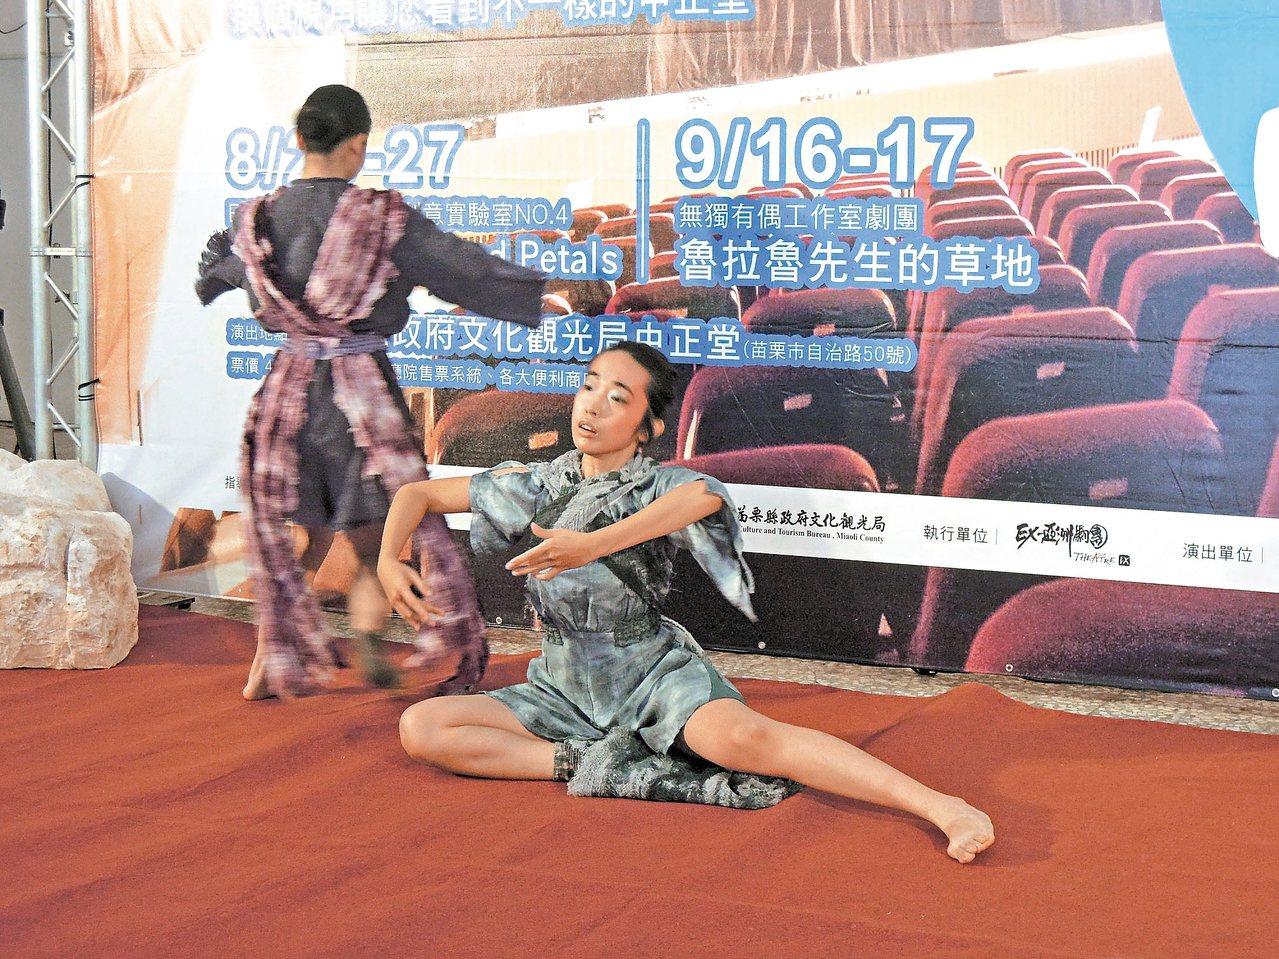 EX-亞洲劇團推出馬森經典劇作花與劍。 記者胡蓬生/攝影